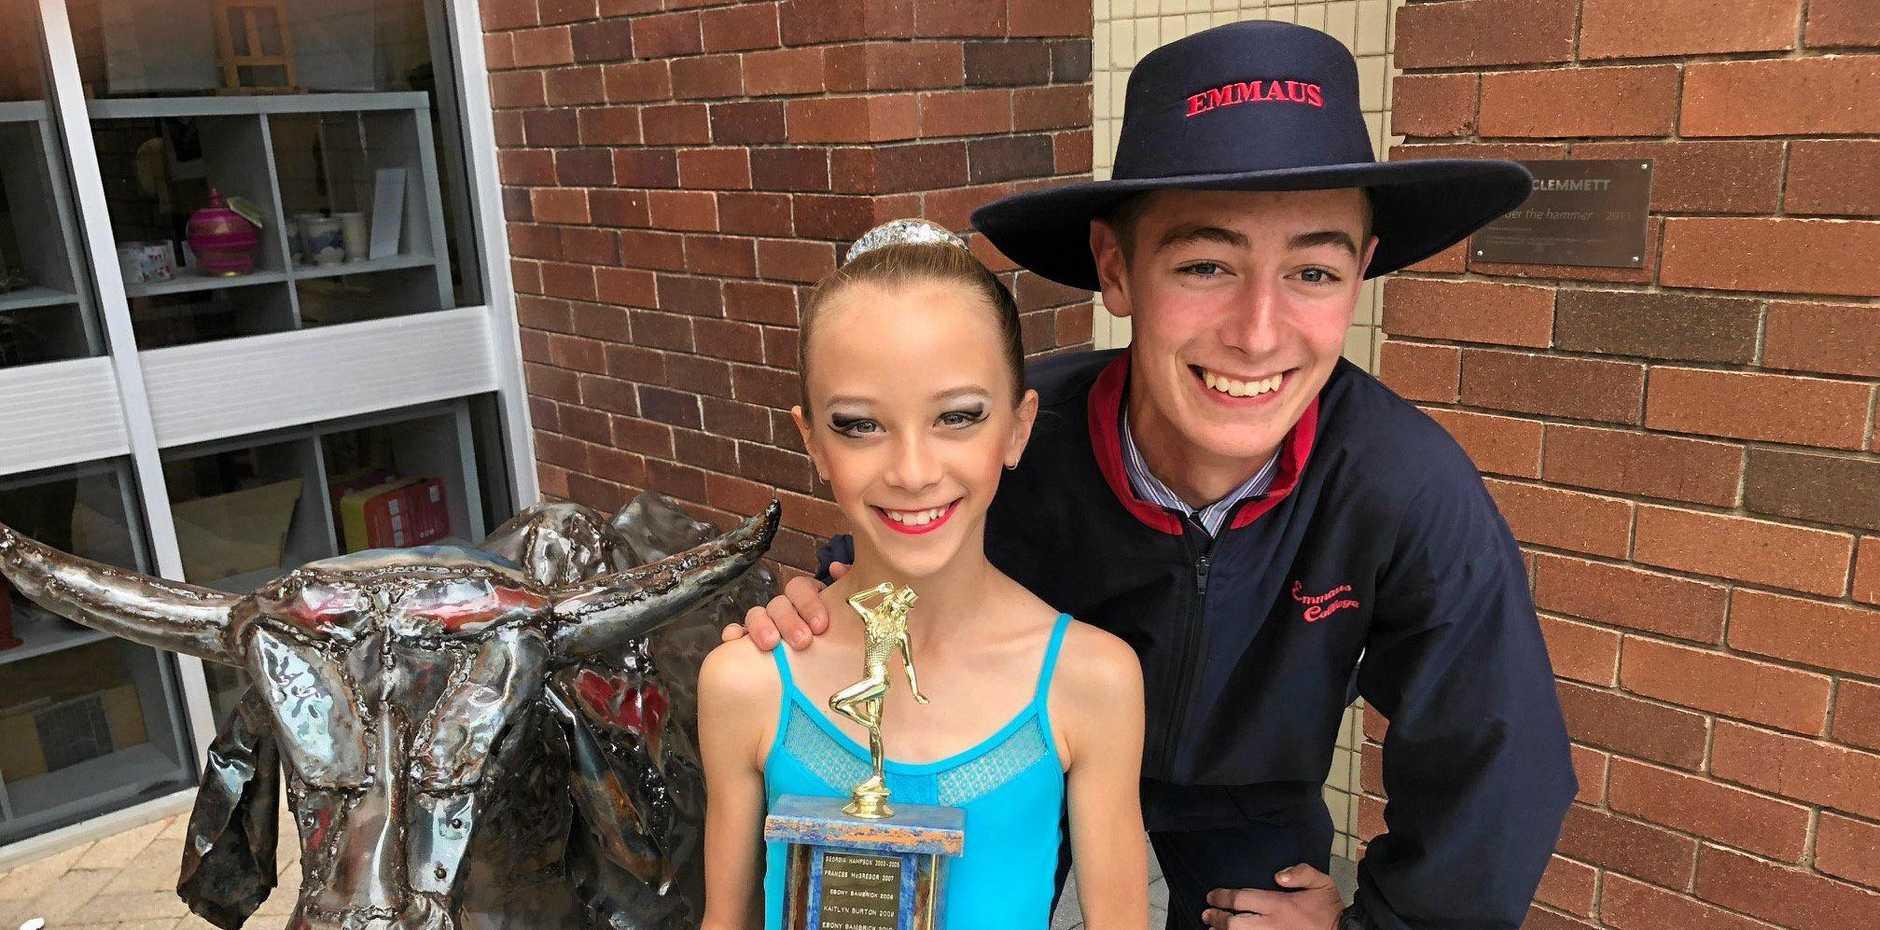 Sienna Westcott wins the Tap Improvisation U10 trophy her brother Mitchell won in 2012.